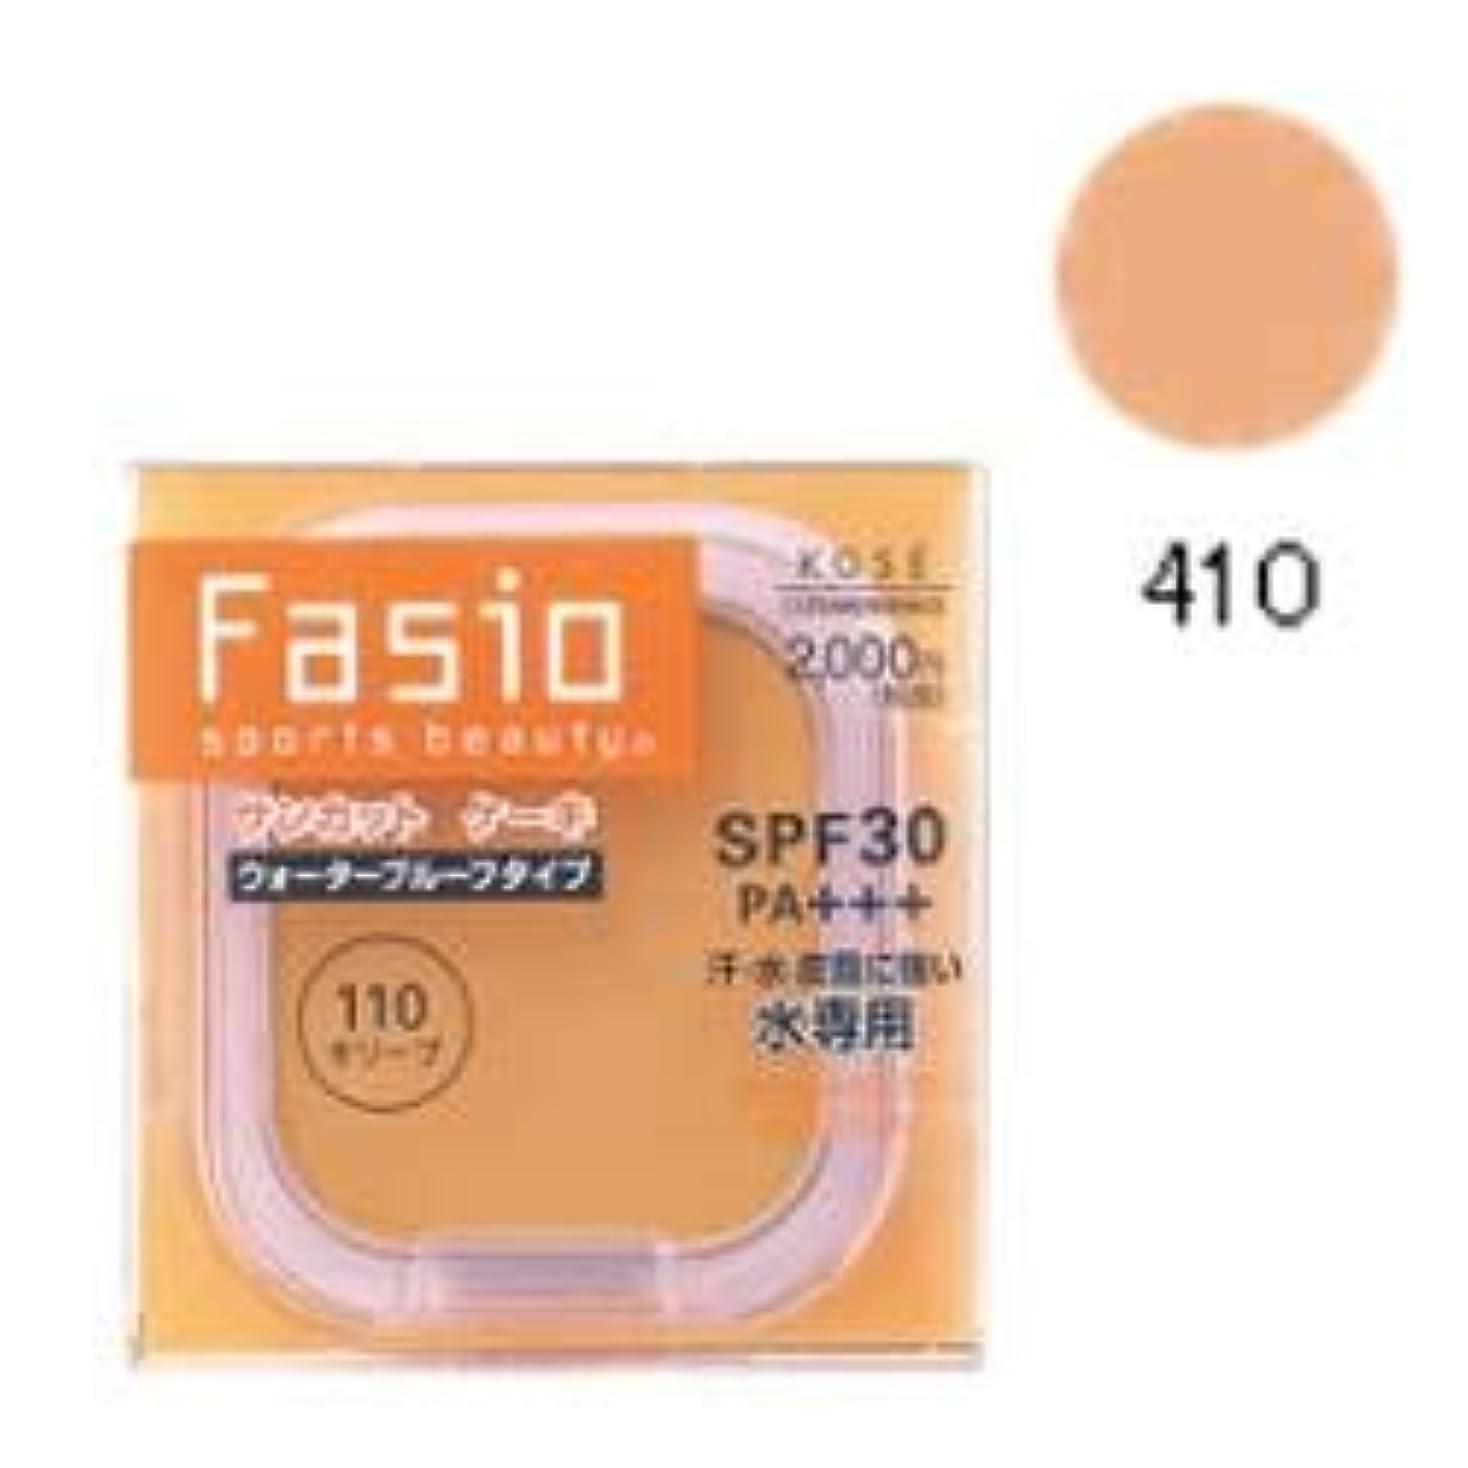 散髪セール重要コーセー Fasio ファシオ サンカット ケーキ 詰め替え用 410